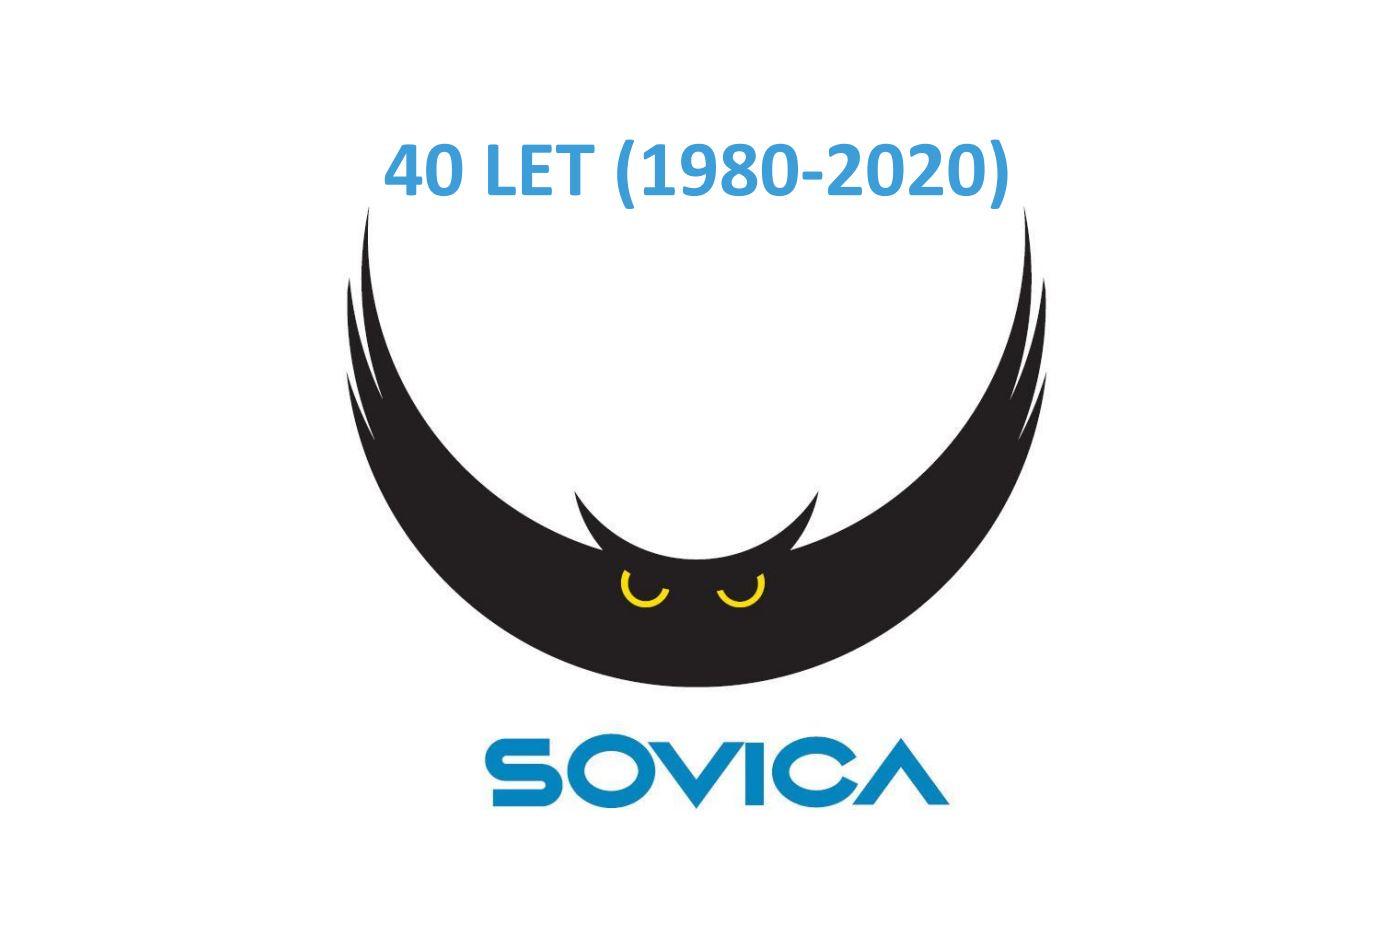 40 LET TKD SOVICA 3 - Domov